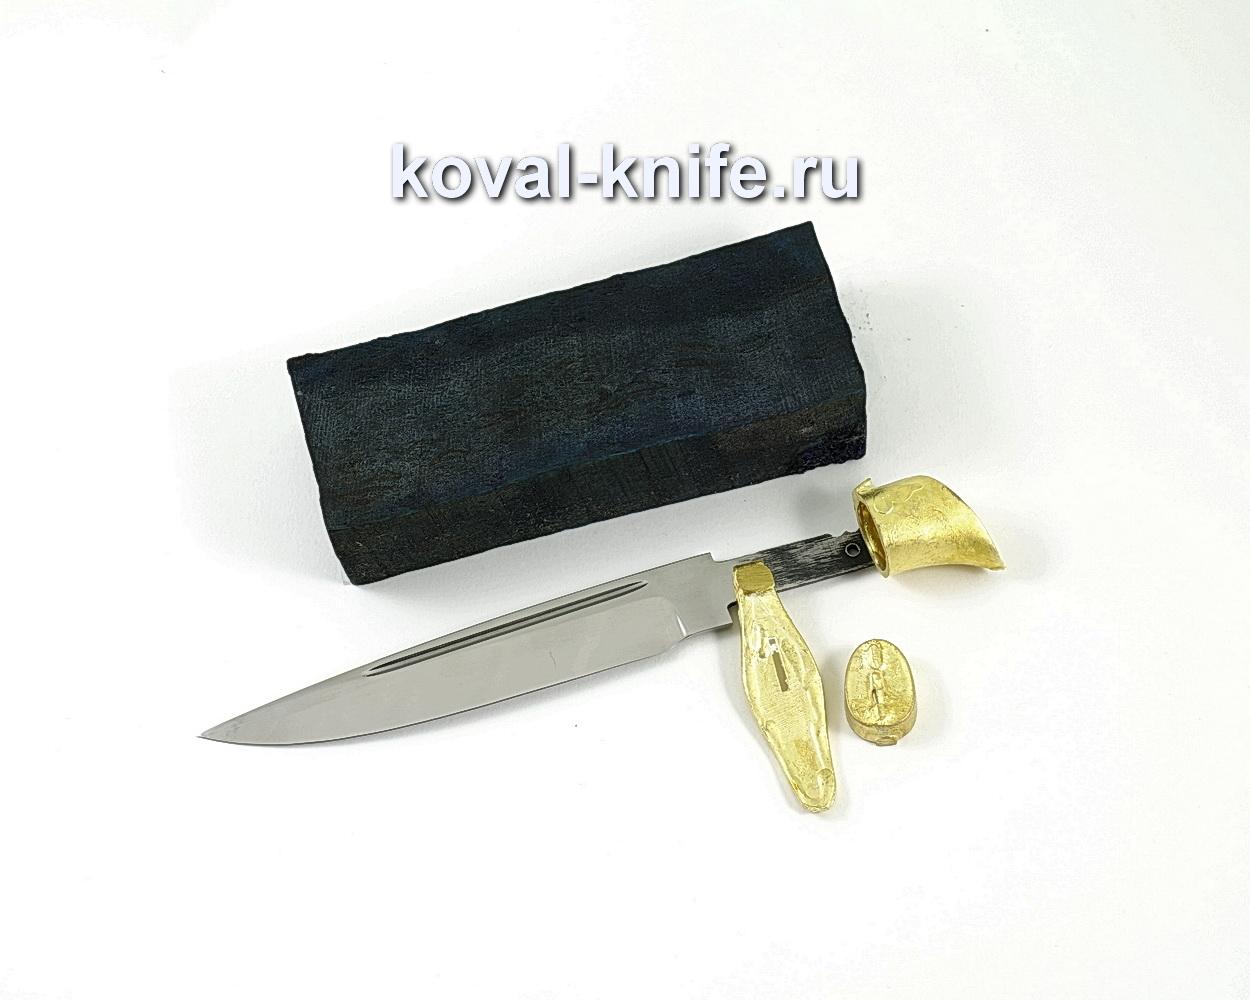 Комплект для финки НКВД 2 (клинок кованая 95х18 2,4мм, литье 3шт., граб брусок)